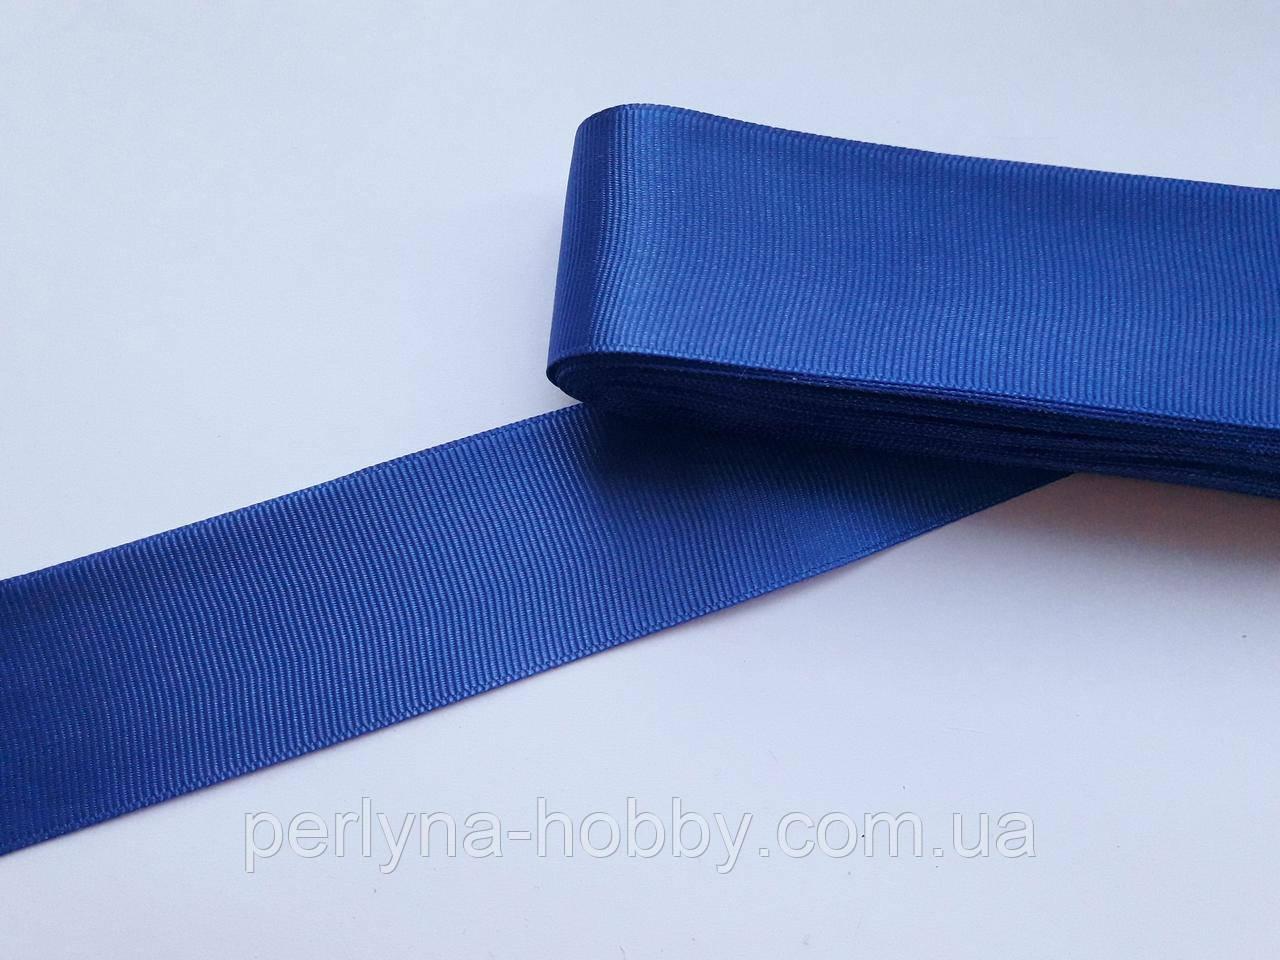 Стрічка репсова 40 мм, синя №96. Туреччина